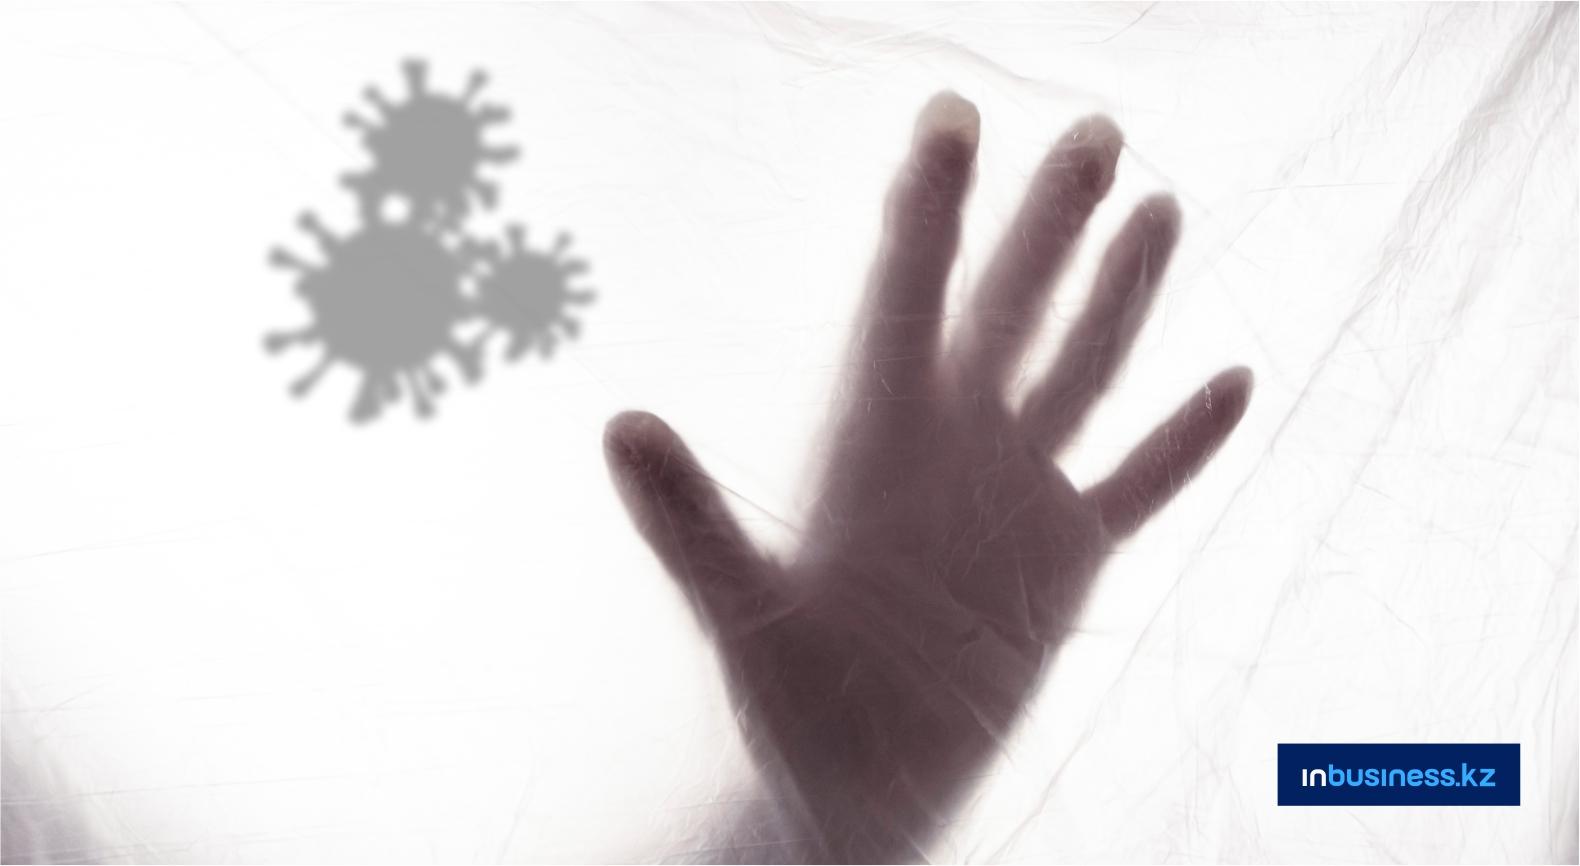 Информация о летальных случаях от COVID-19 будет публиковаться один раз в неделю – Цой